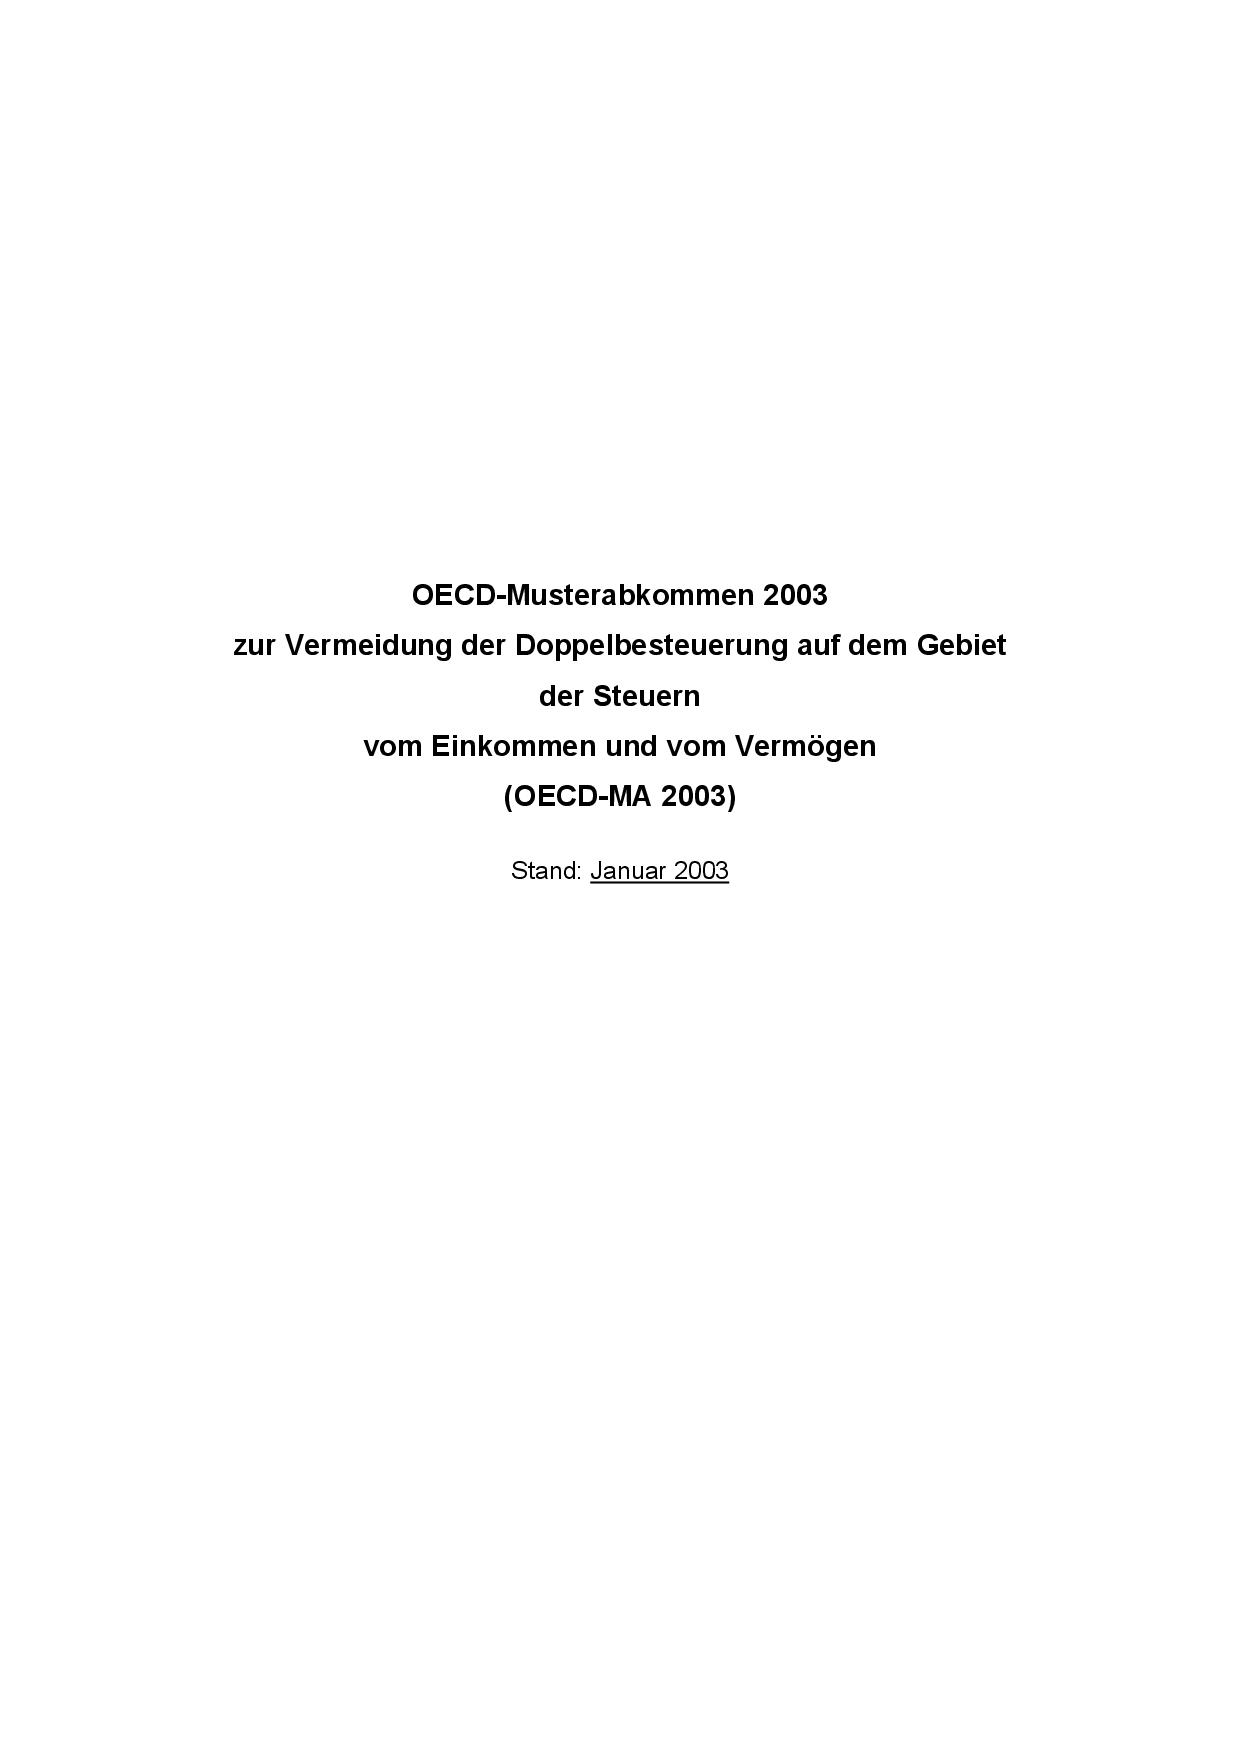 OECD-Musterabkommen zur Vermeidung der Doppelbesteuerung auf dem Gebiet der Steuern vom Einkommen und vom Vermögen (OECD-MA)